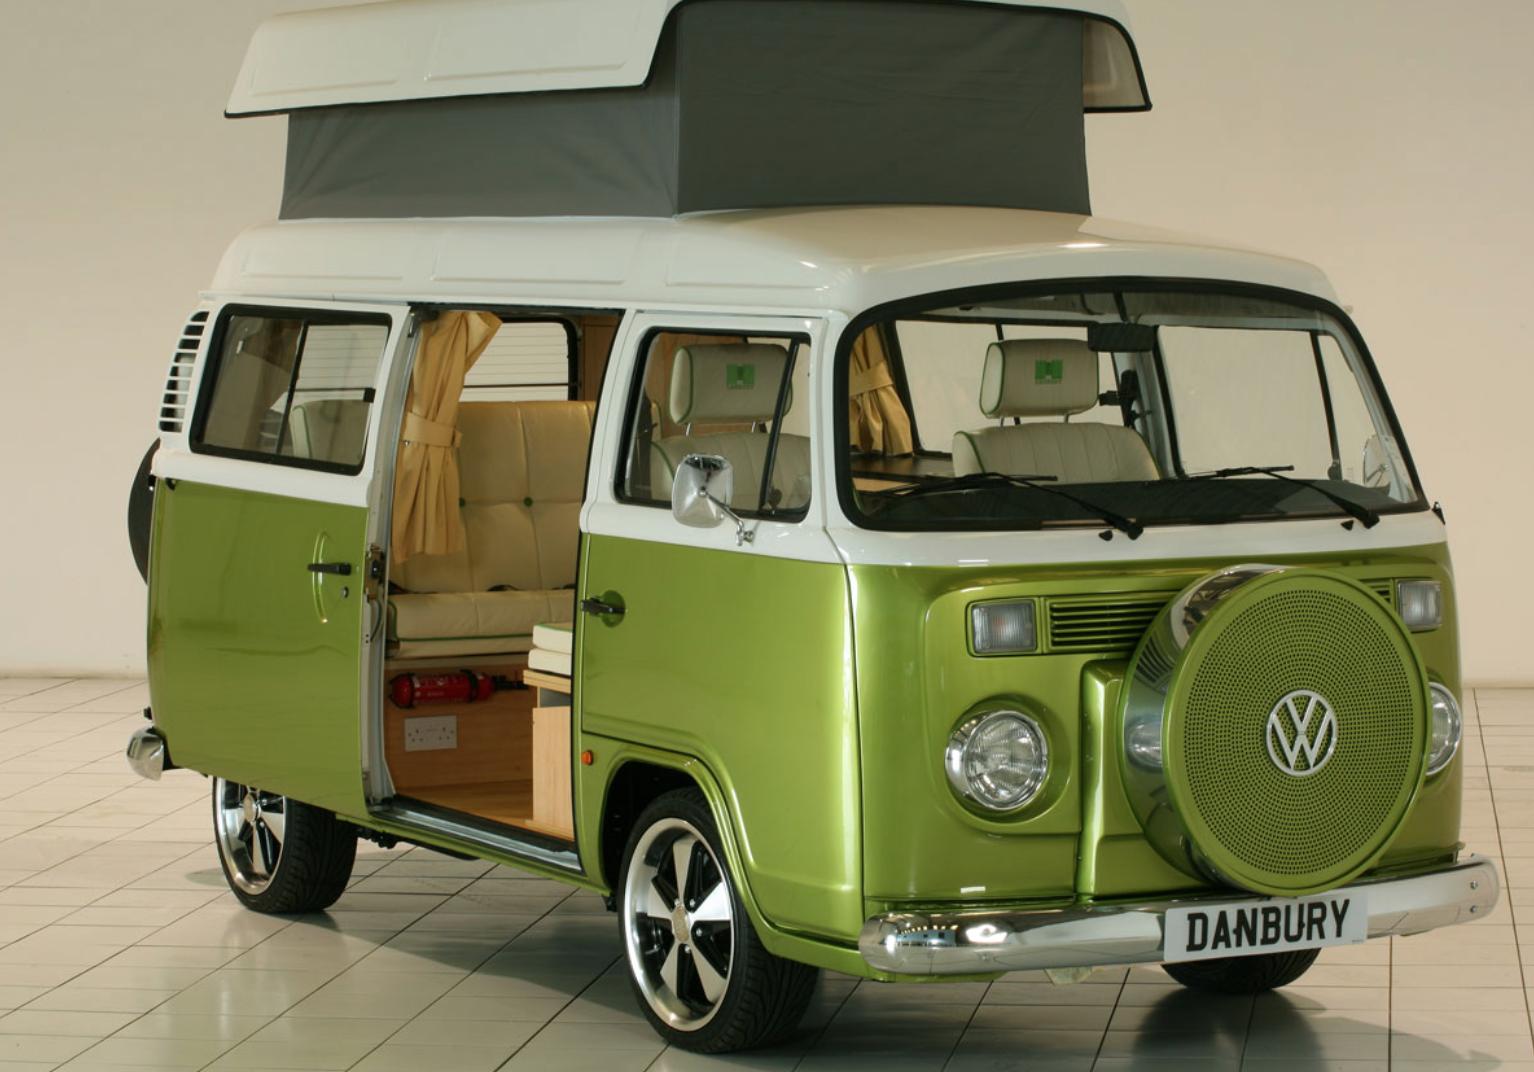 Volkswagen Bus Camper - Green Lantern